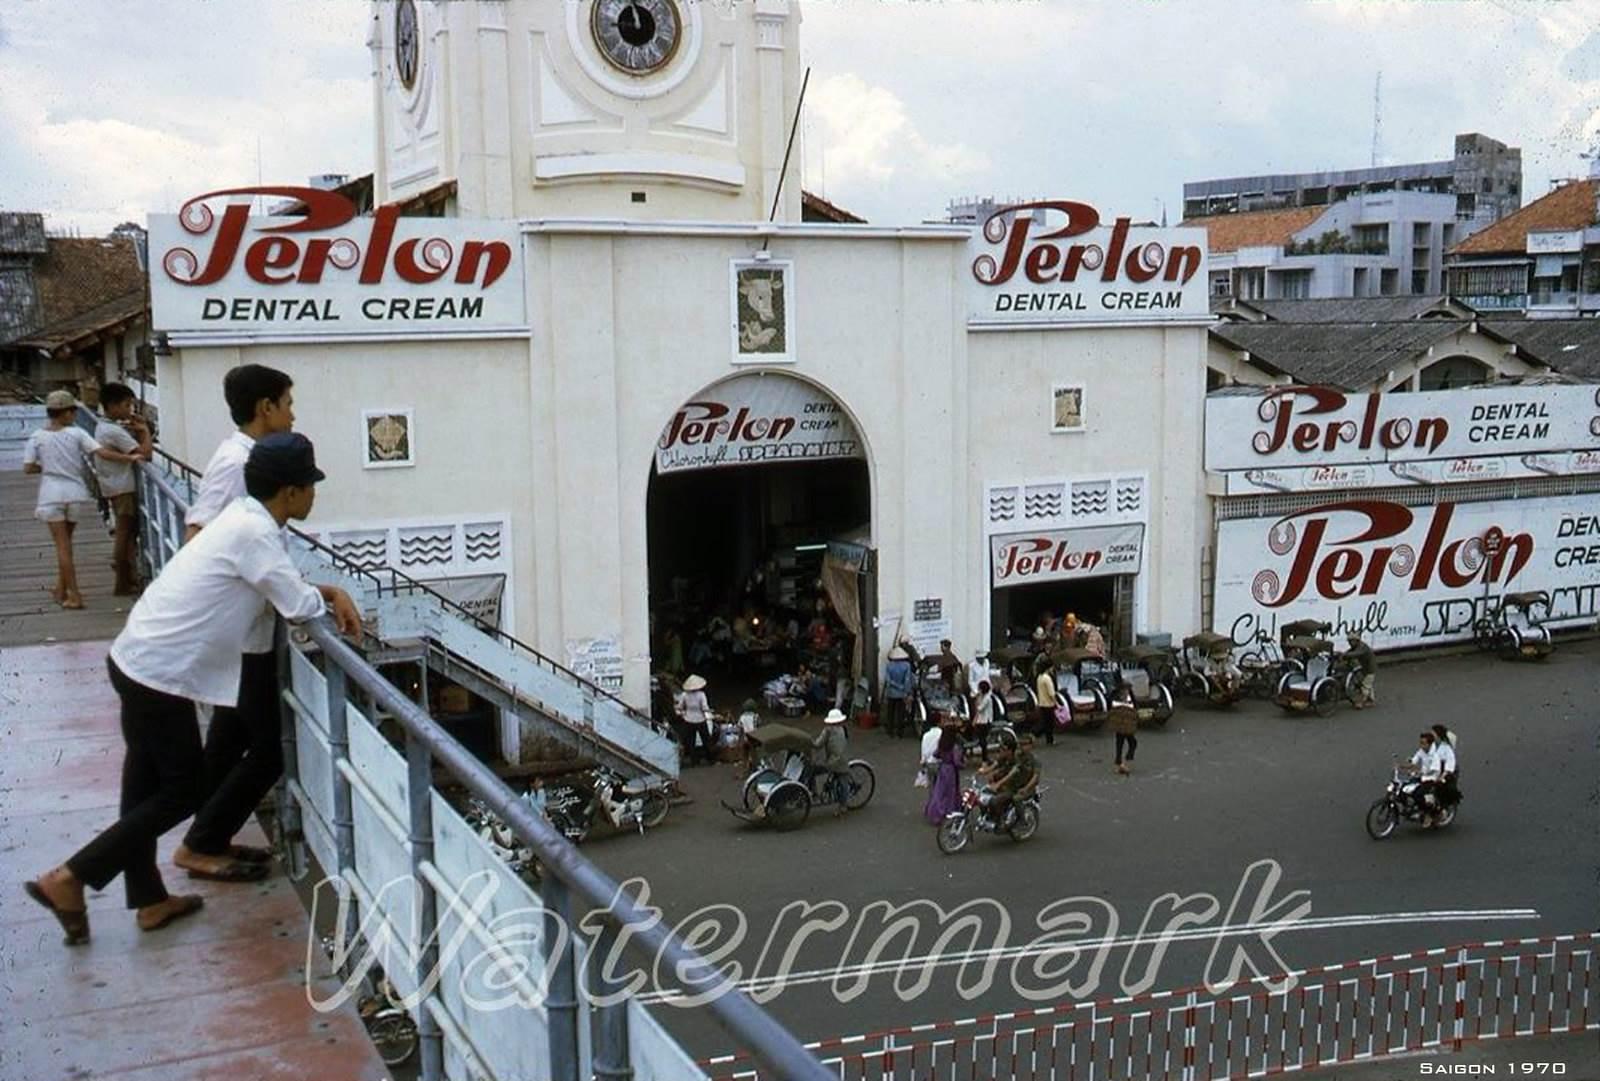 SAIGON 1970 - Chợ Bến Thành nhìn từ tên cầu vượt bô hành